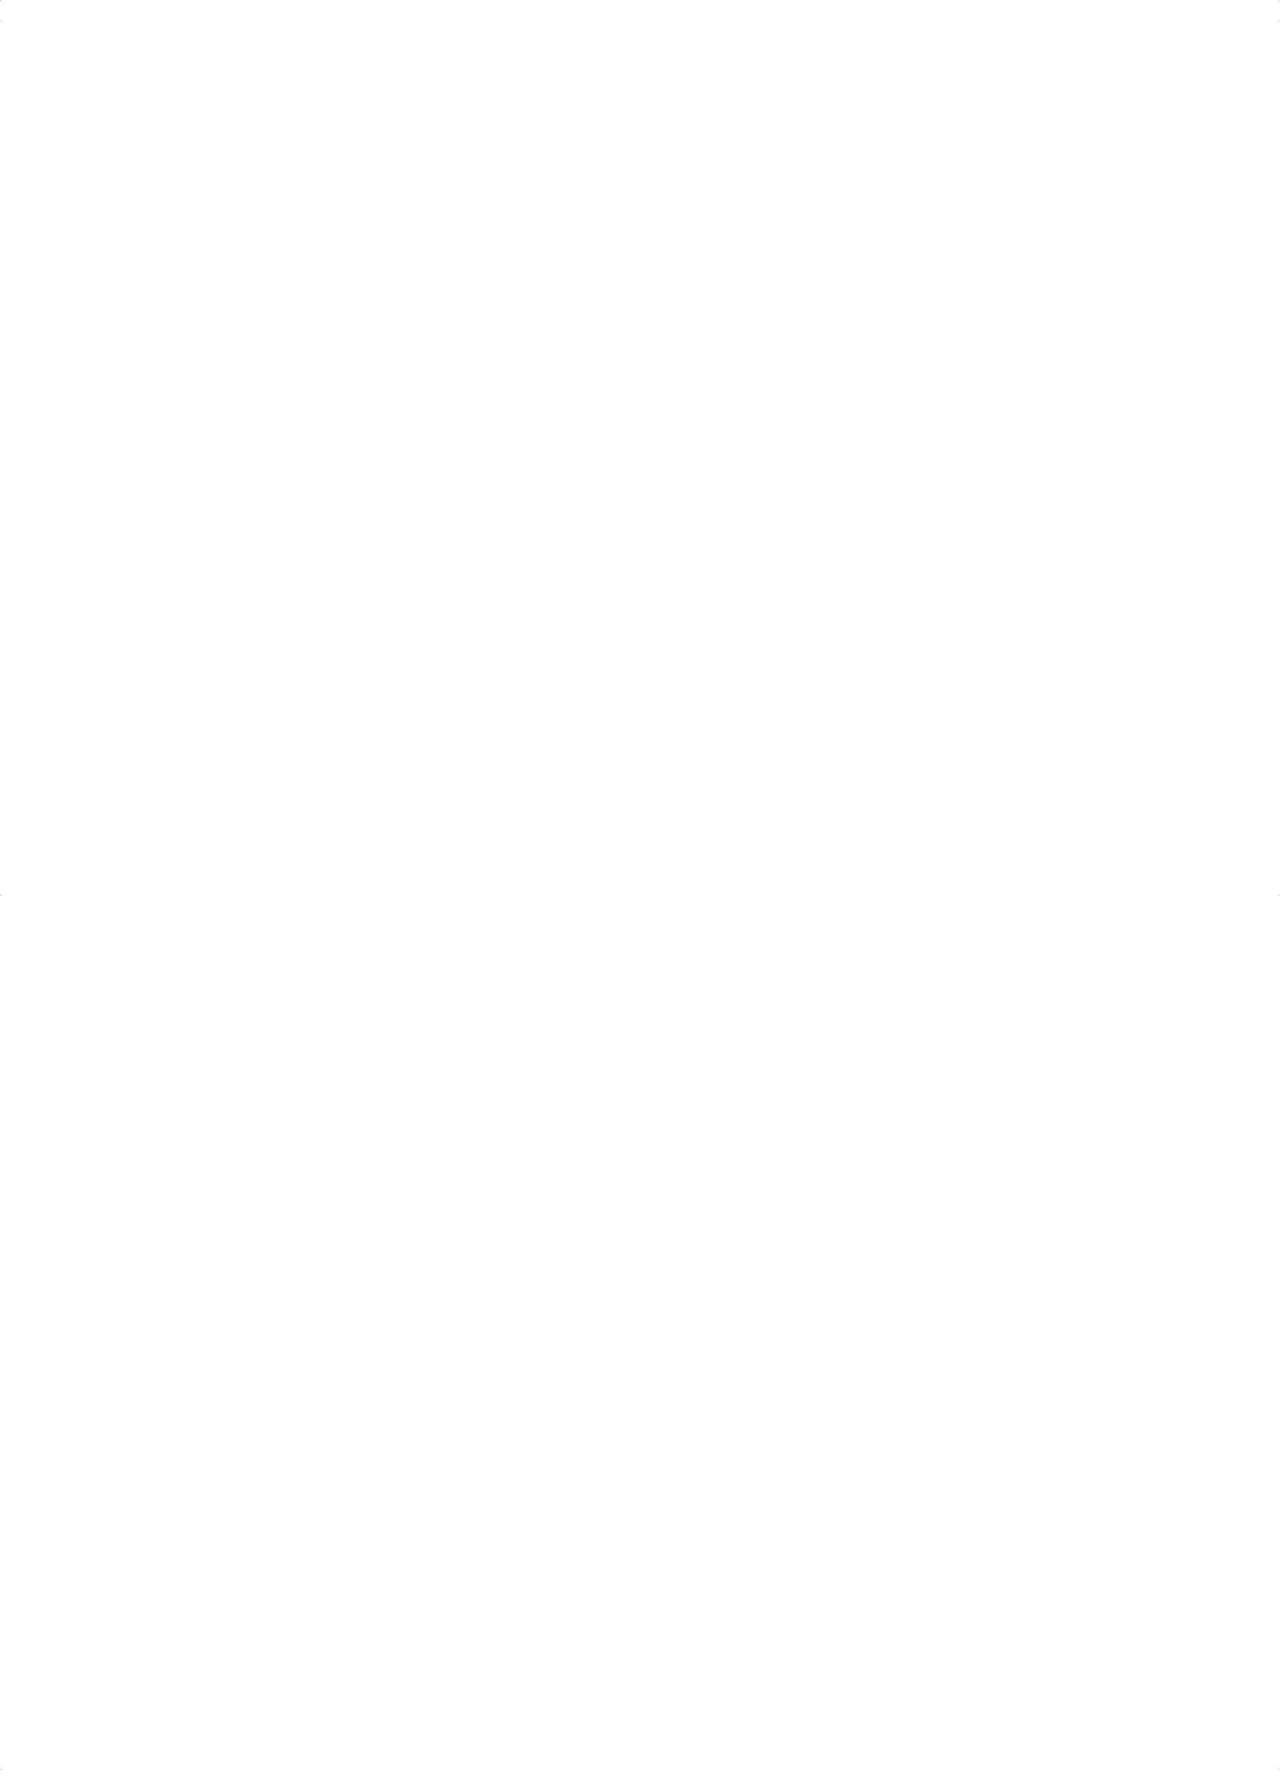 Josei Douseiai Matome 1 丨 女性同性愛合集 1 2